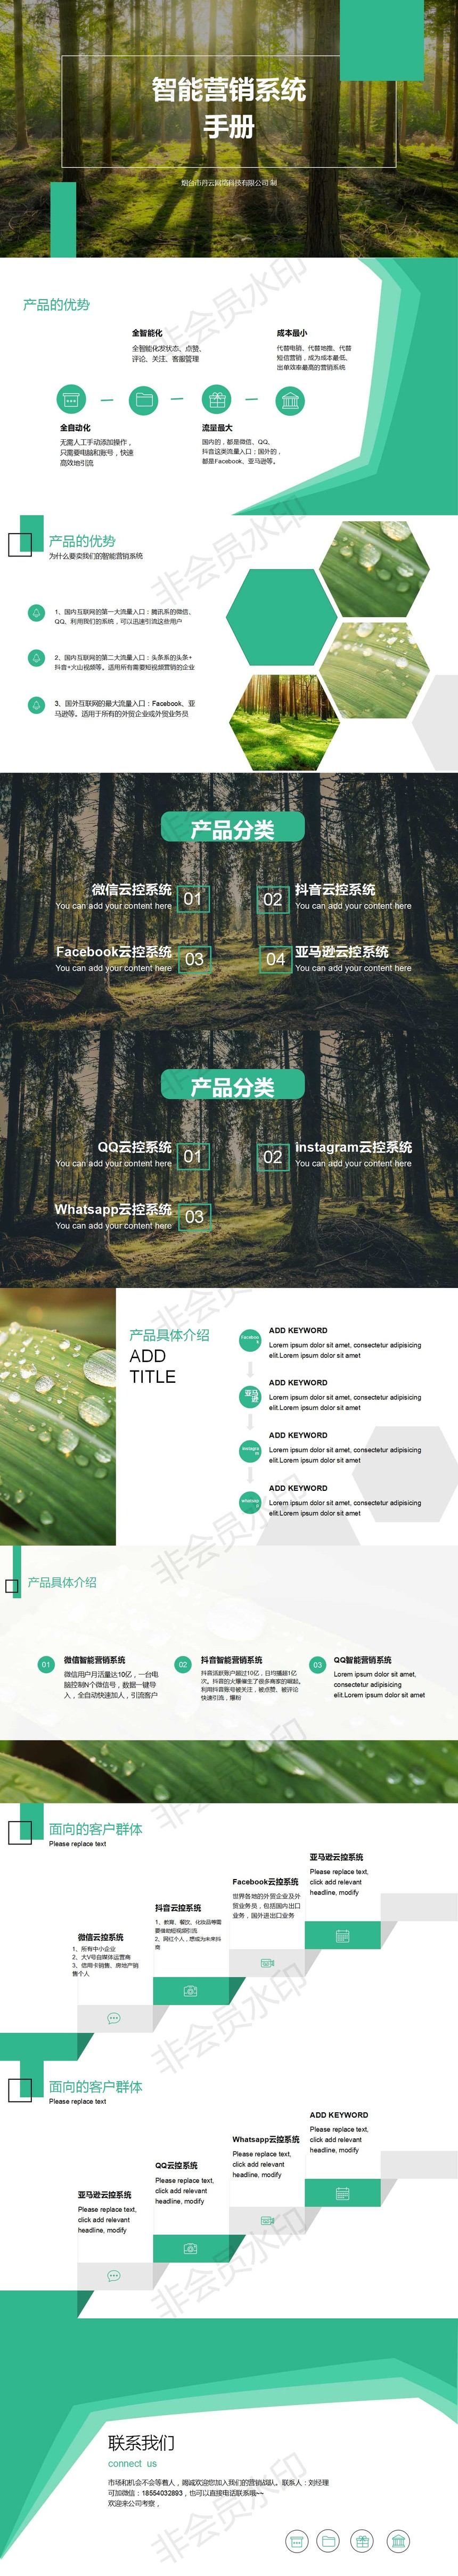 云控智能营销系统 手册 - 客户.jpg